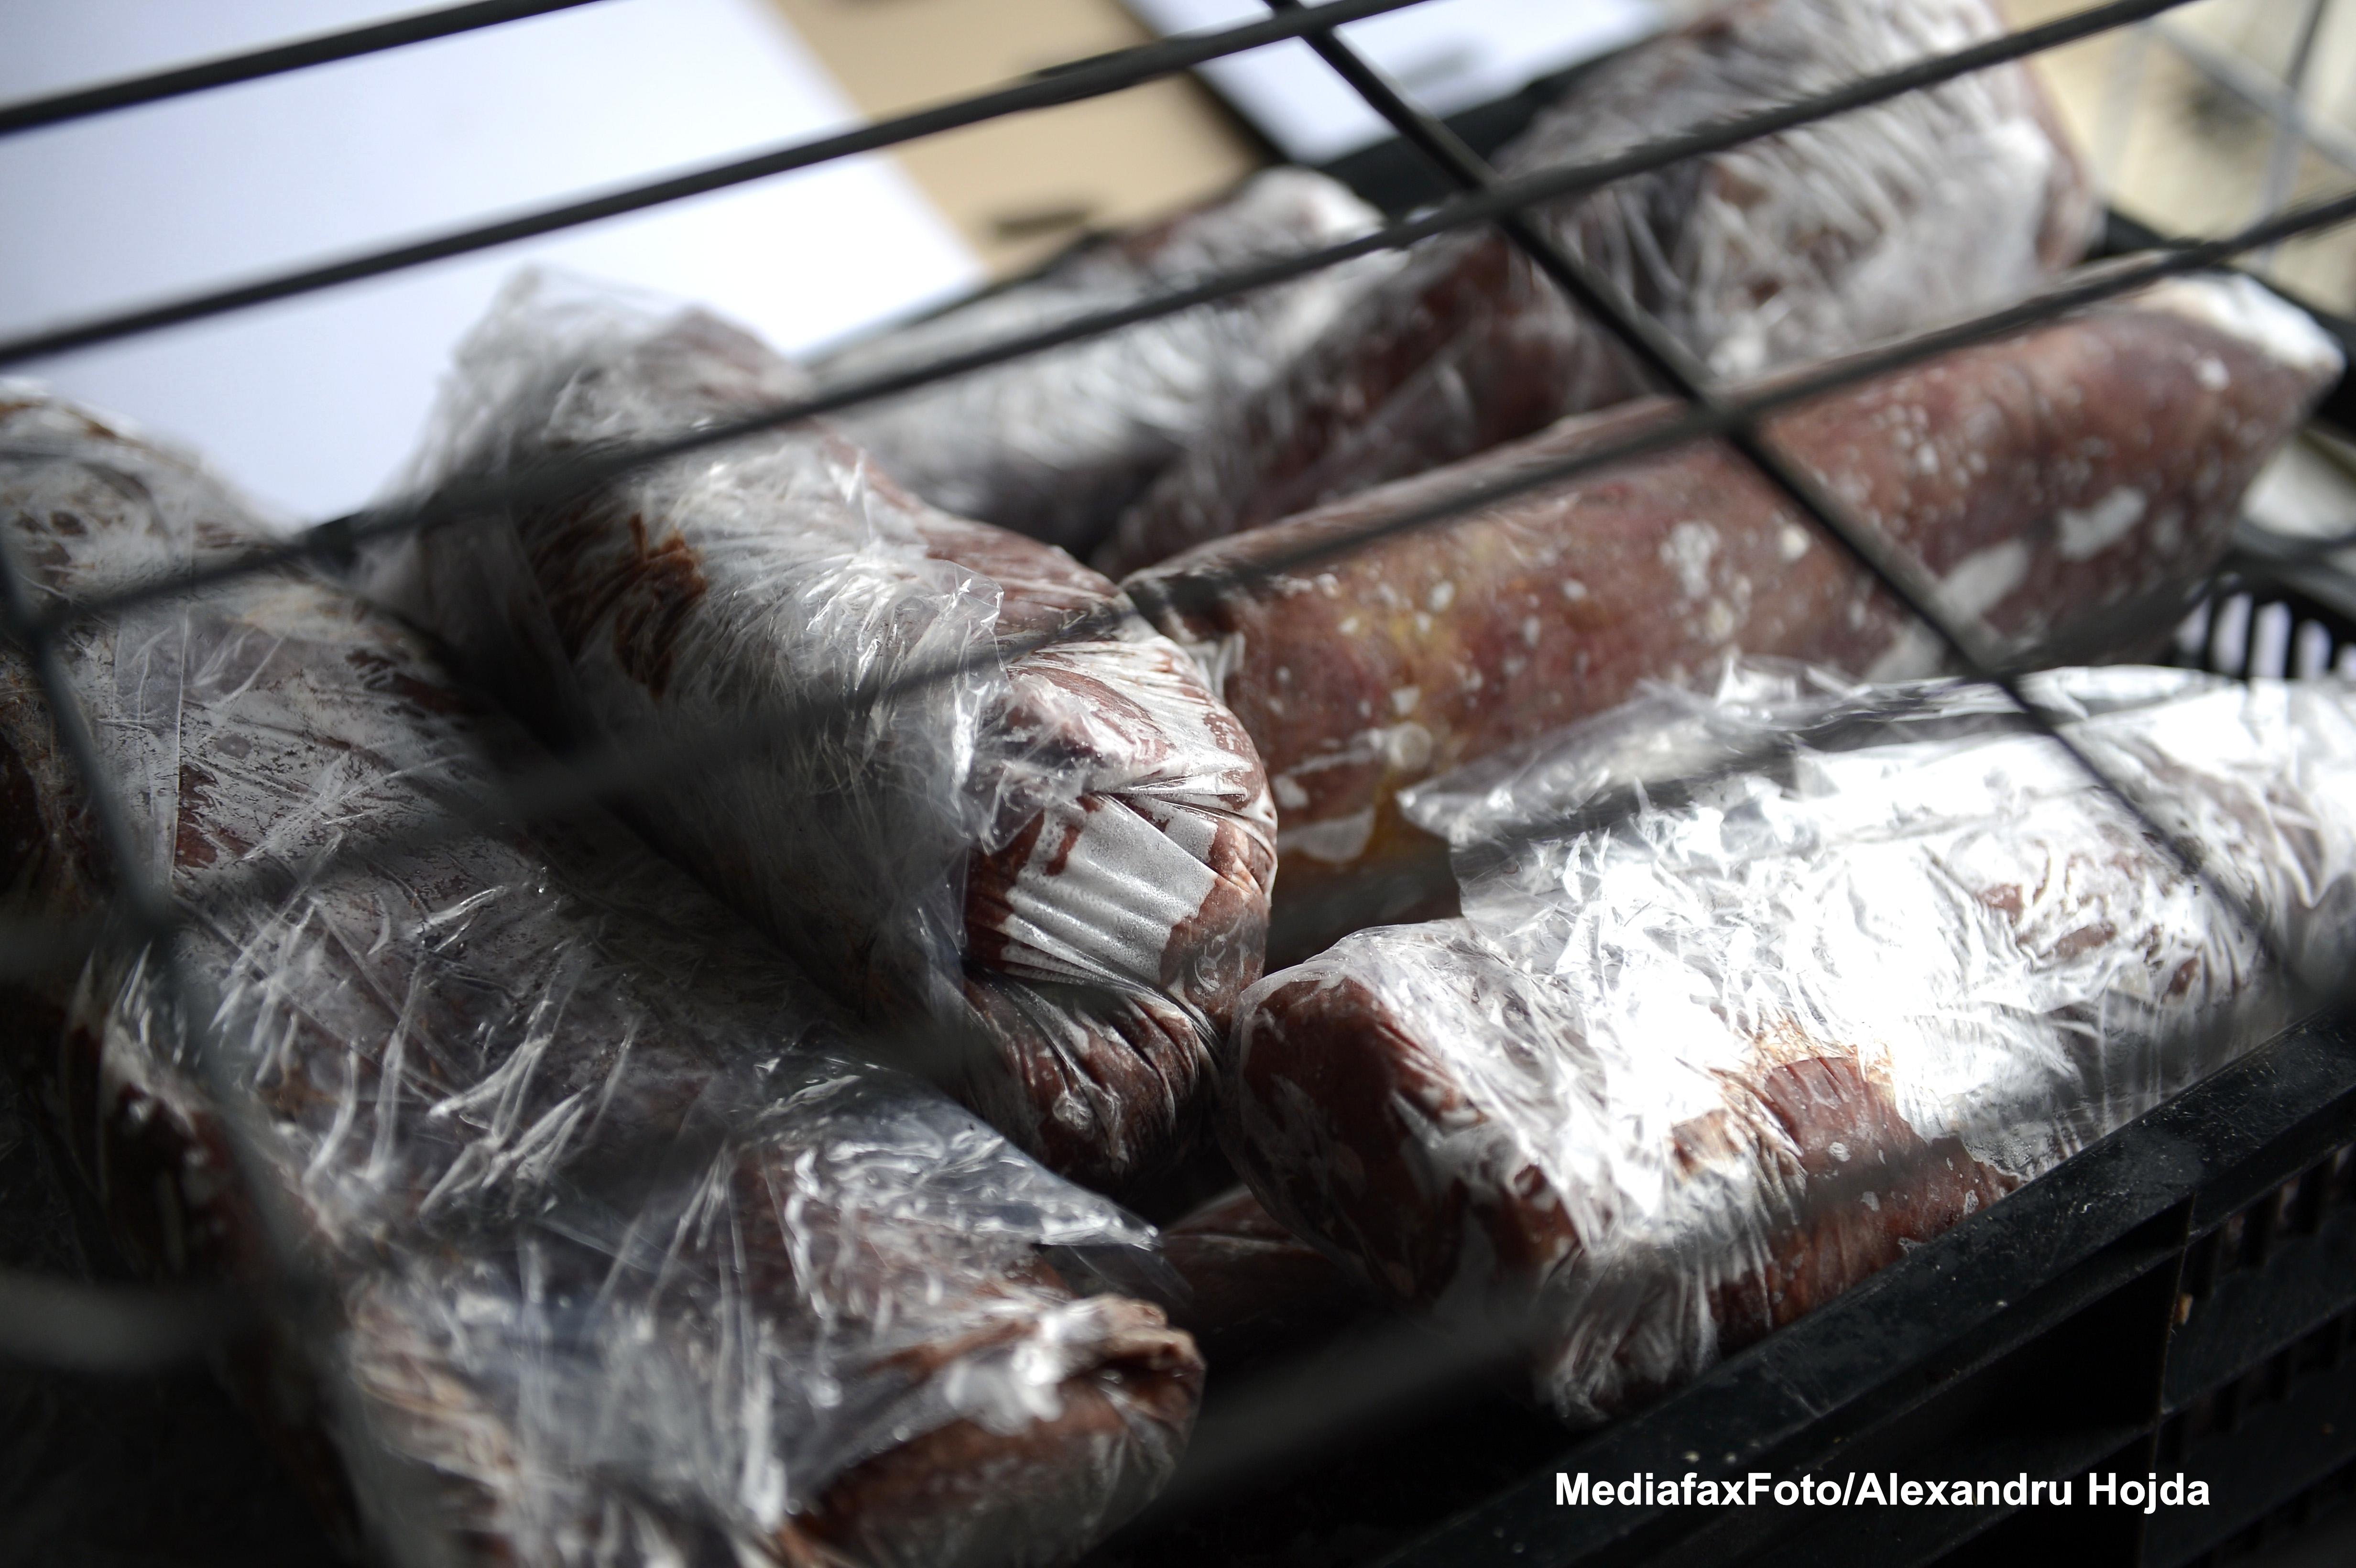 ANSVSA: Frauda comerciala in cazul pastei de mici cu carne de cal, firma va fi amendata